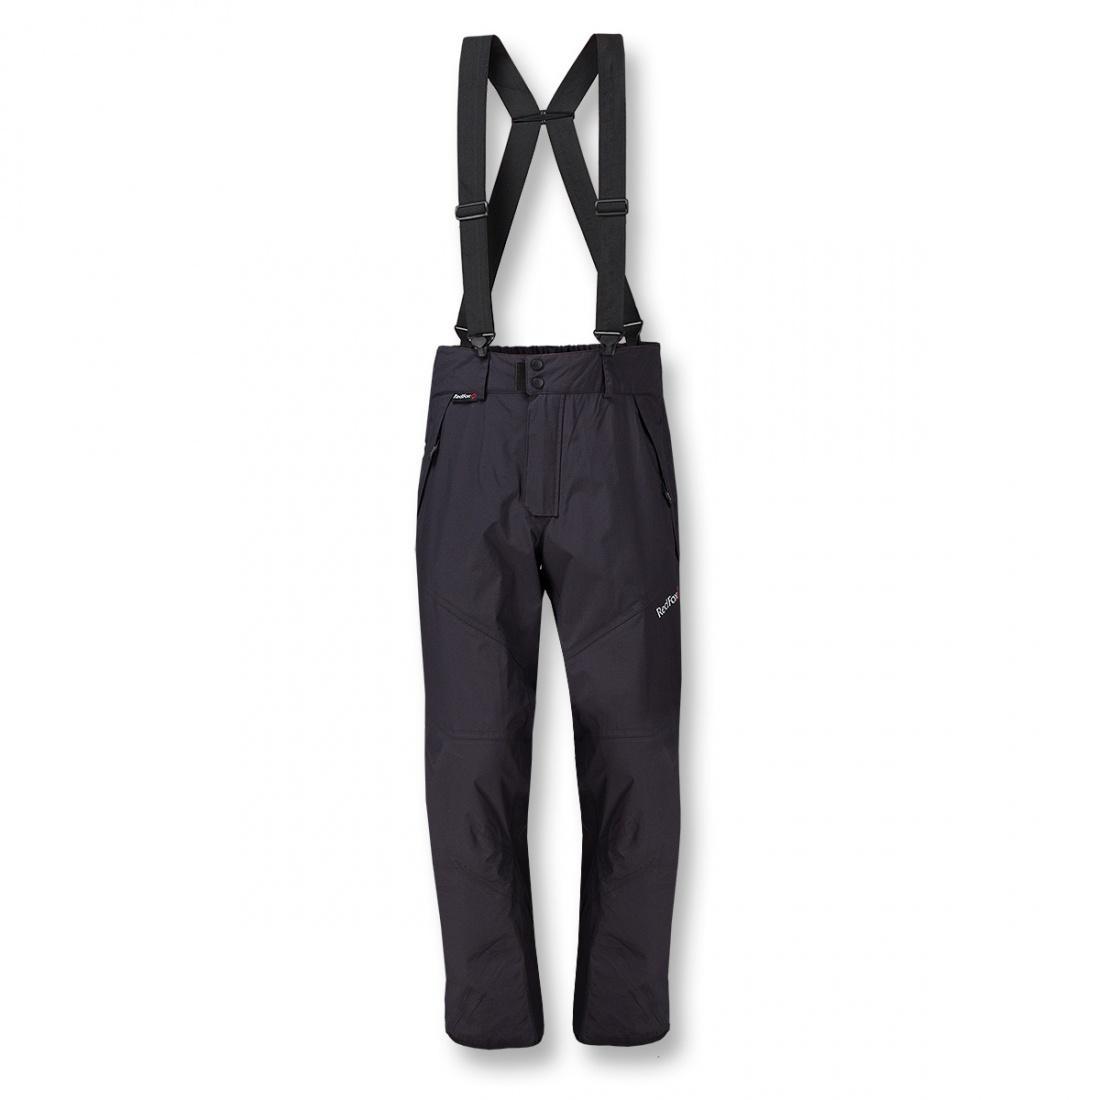 Брюки ветрозащитные Alpine 06Брюки, штаны<br>Легкие штормовые брюки-самосбросы из серии Mountain Sport вместе с ветрозащитной курткой Alpine Ascent 09 образуют удобный современный комплект для спортсменов и любителей активного отдыха. <br><br> <br> Специальные уси...<br><br>Цвет: Черный<br>Размер: 52